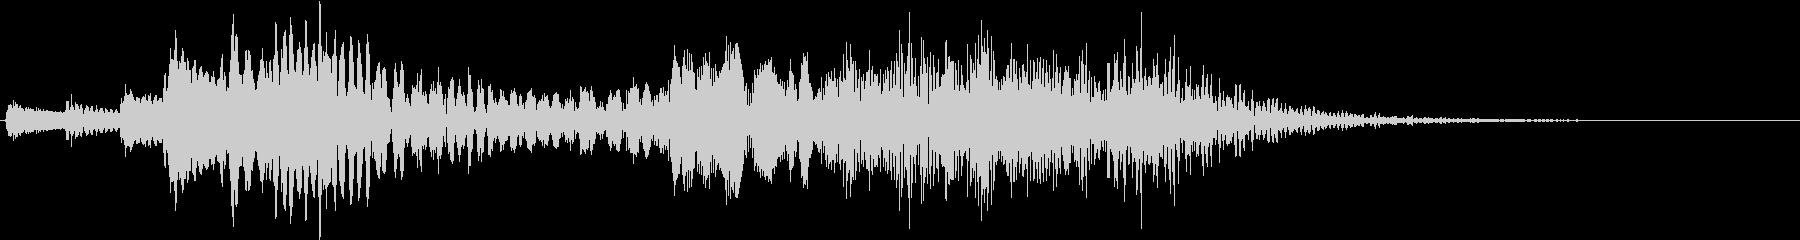 テレビ番組・CM・動画テロップ06の未再生の波形